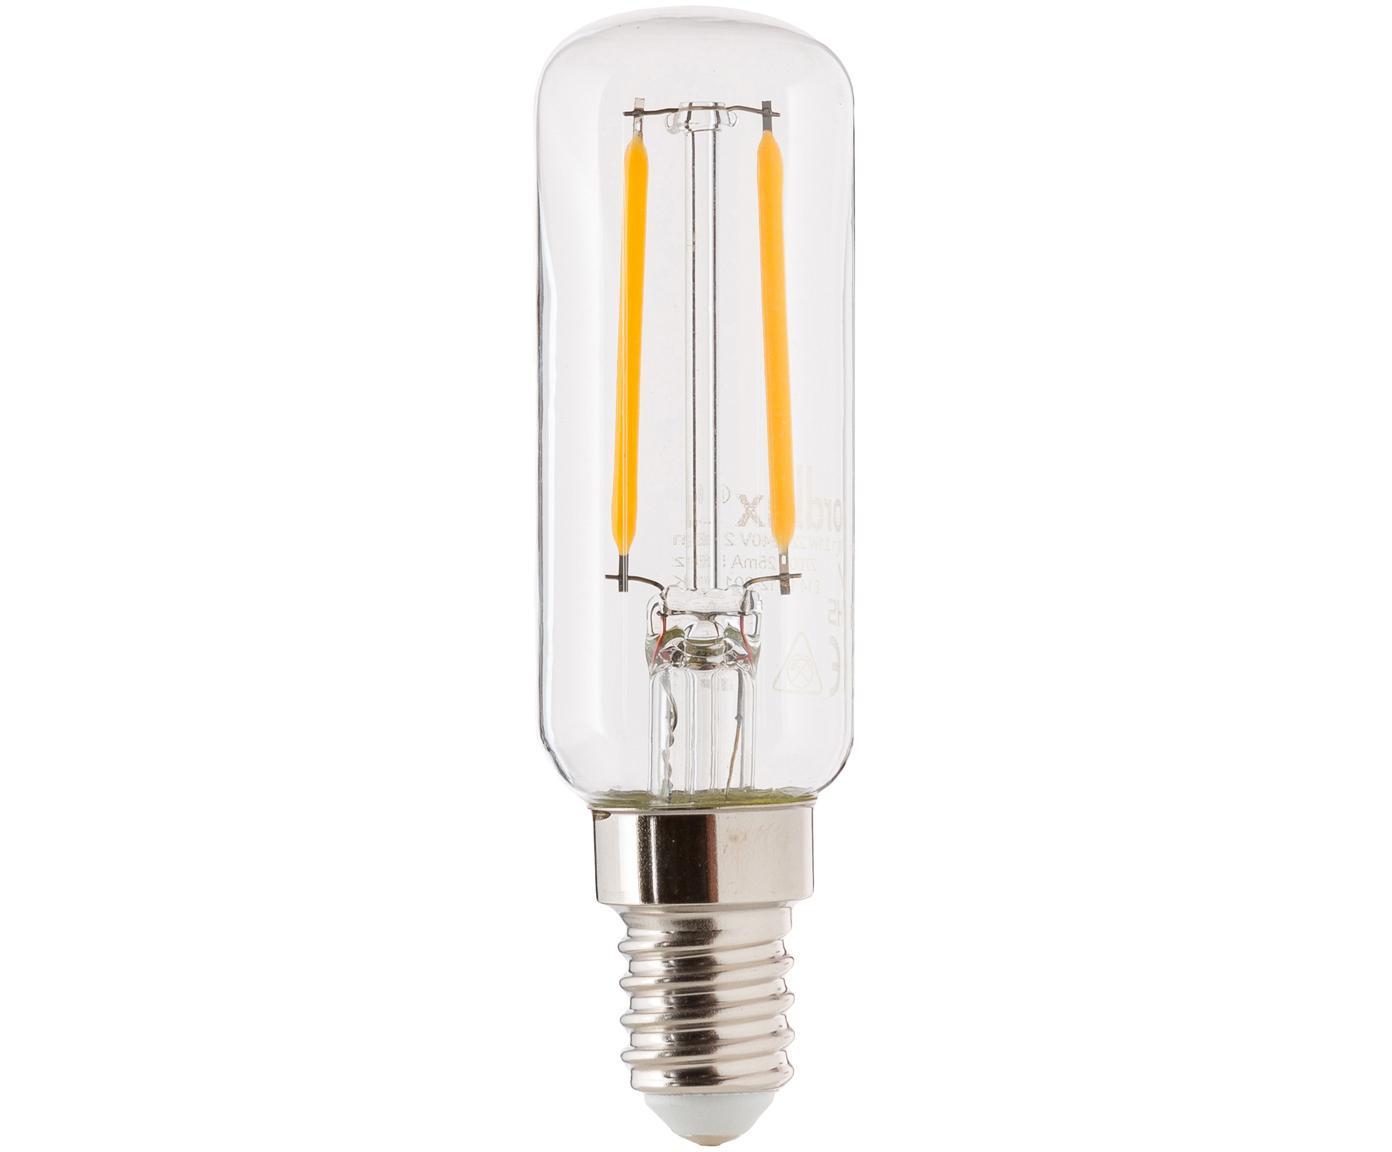 Bombilla LED Yura (E14/2W), Ampolla: vidrio, Casquillo: aluminio, Transparente, Ø 3 x Al 9 cm